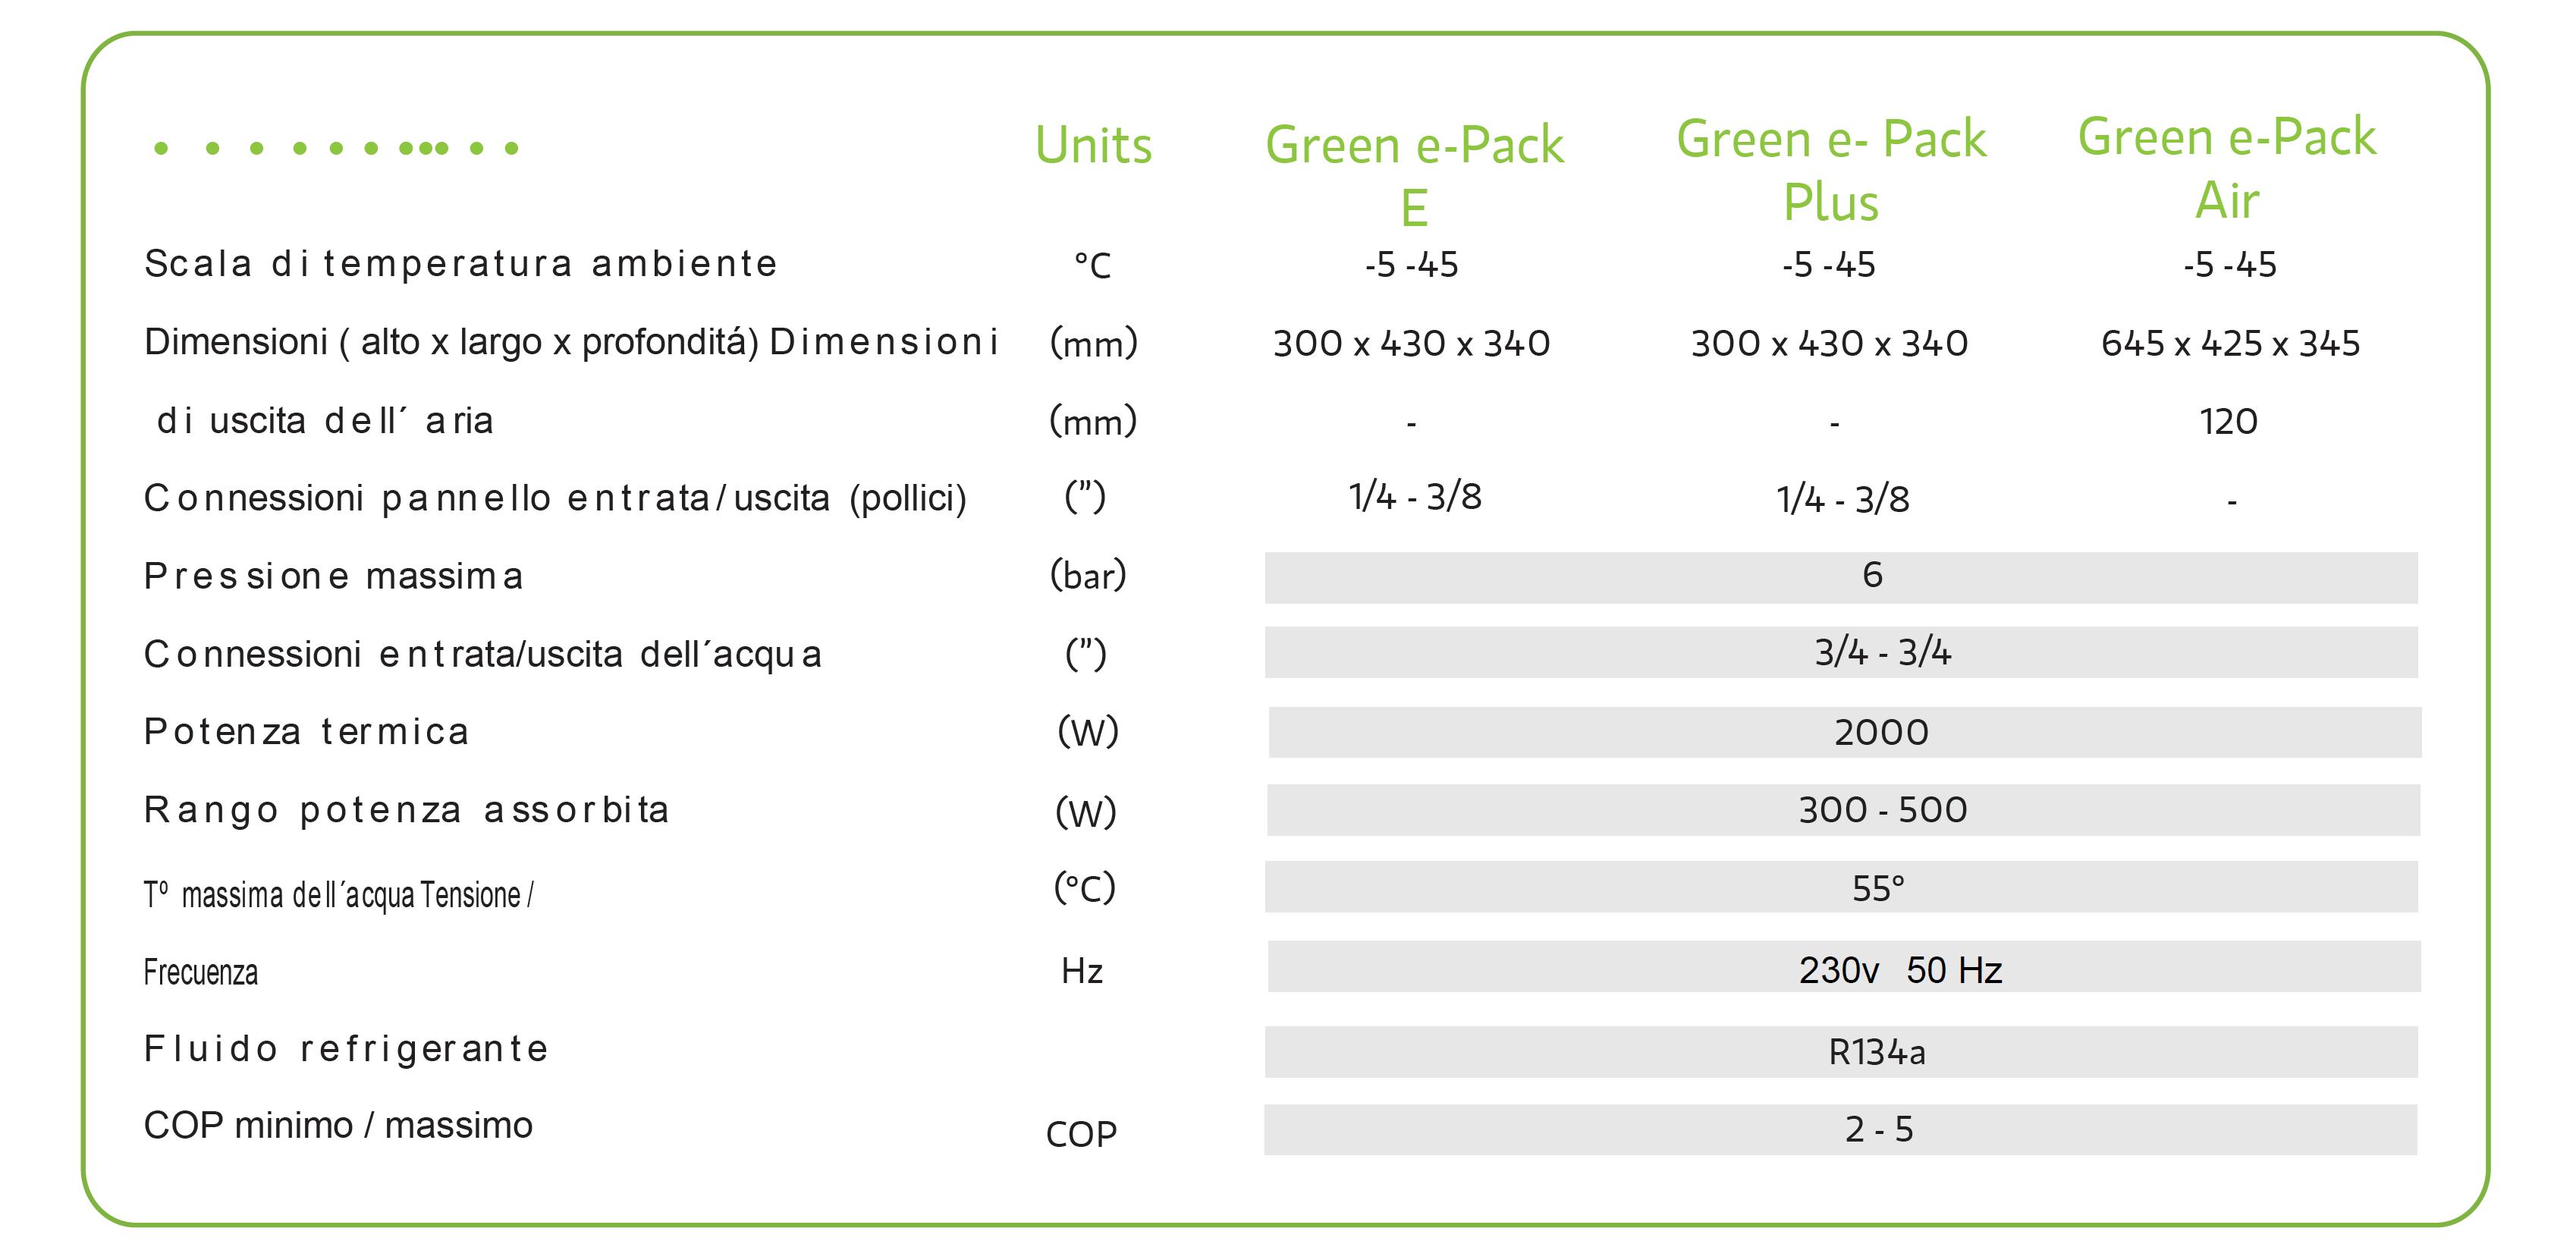 scheda tecnica Green e-pack